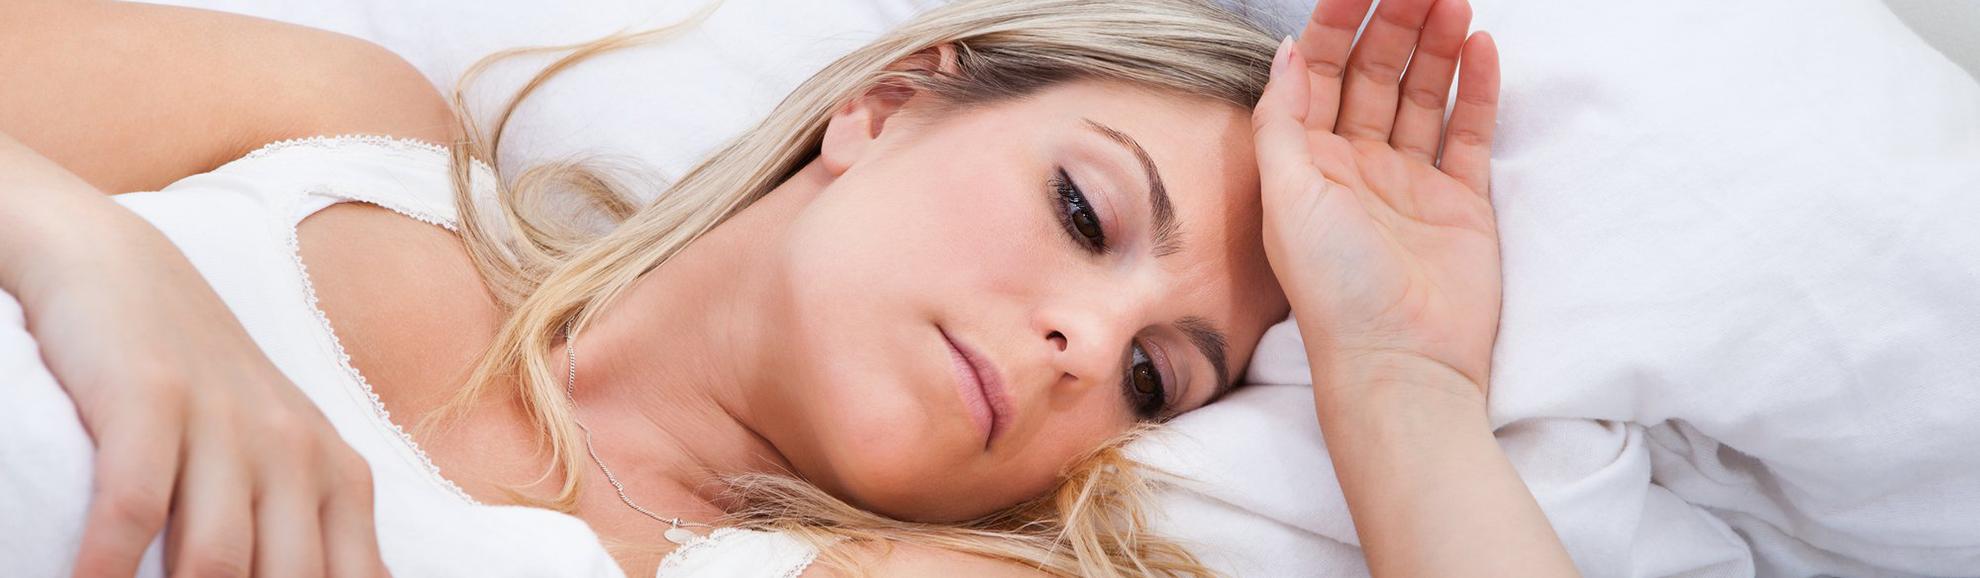 dificultad para dormir y micción frecuente